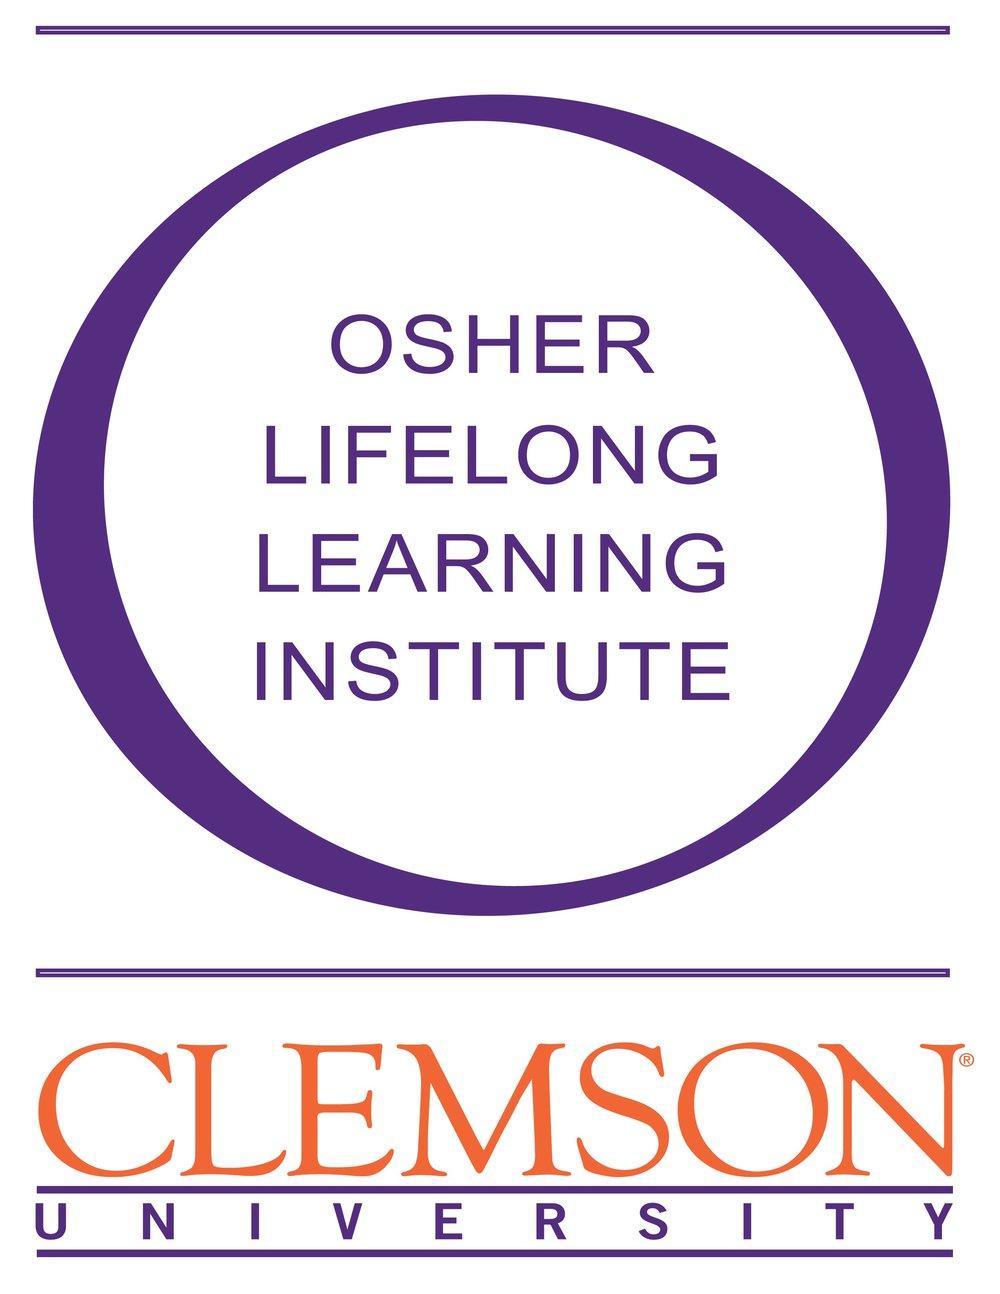 Osher Life Long Learning Institute logo.jpg